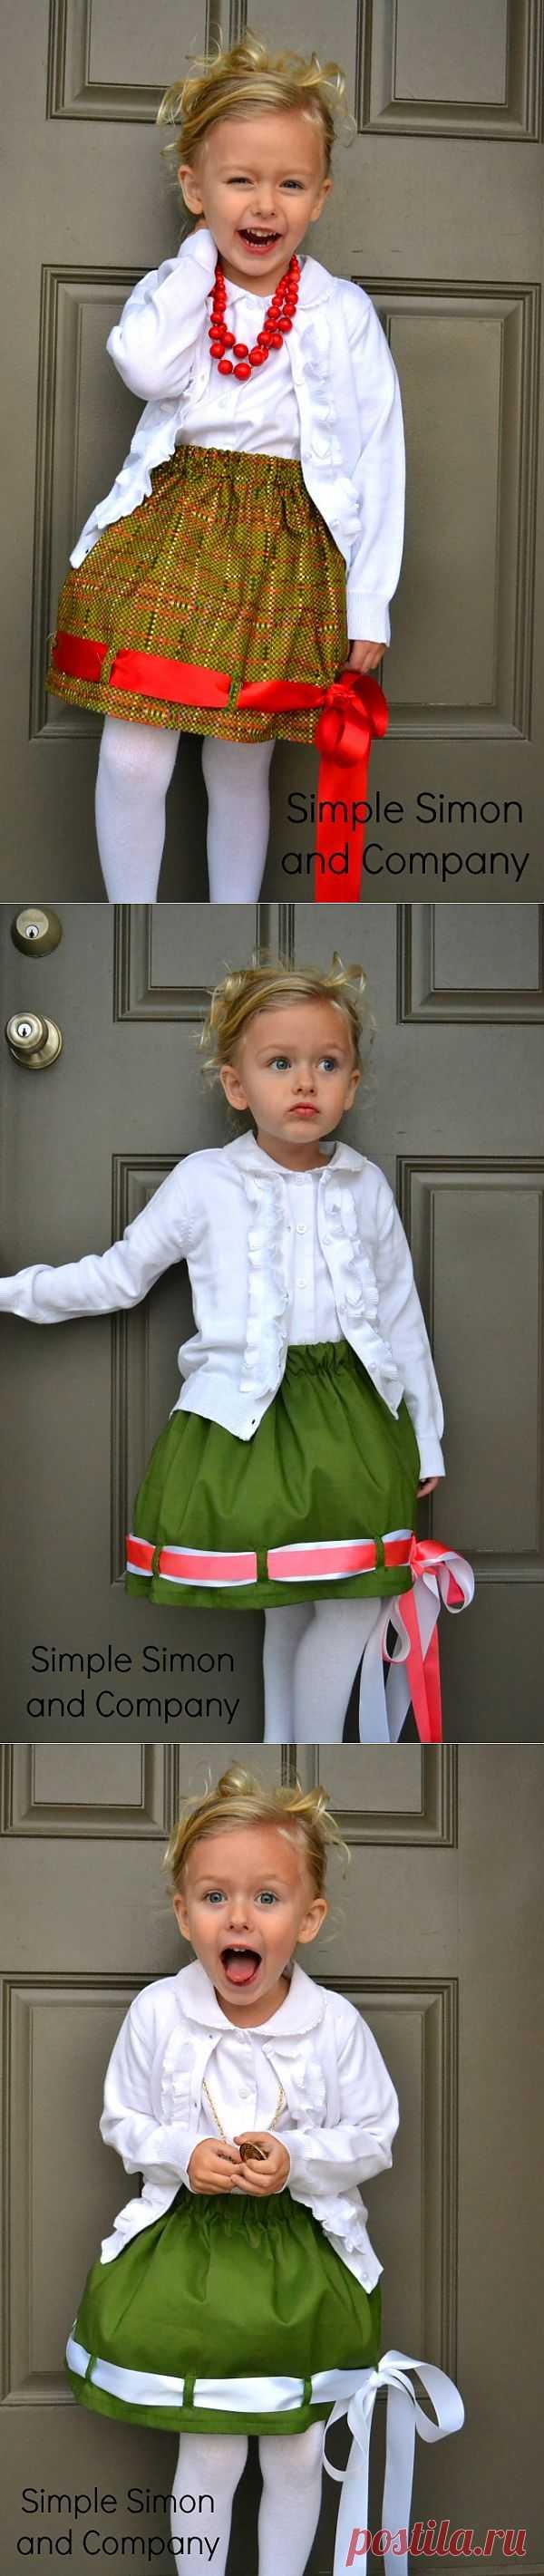 Юбки со сменным декором / Для детей / Модный сайт о стильной переделке одежды и интерьера